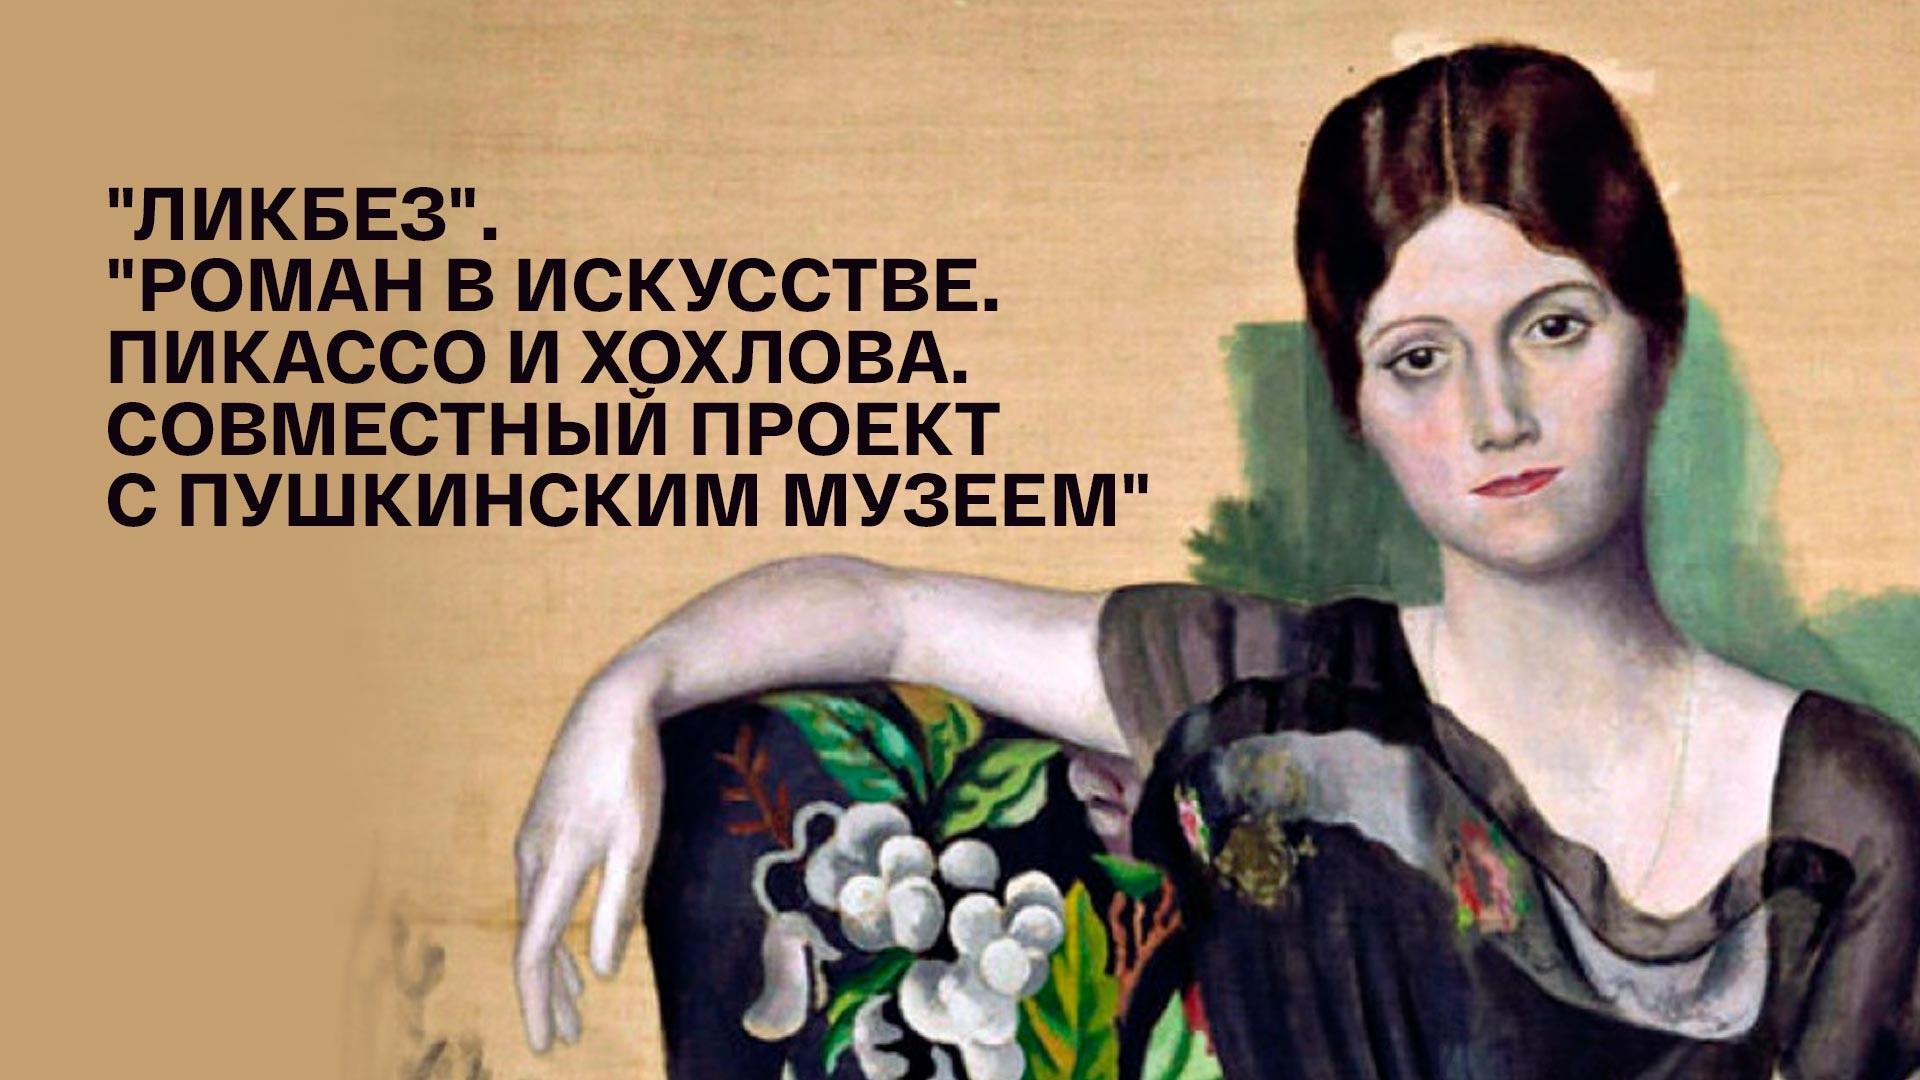 """""""Ликбез"""". """"Роман в искусстве. Пикассо и Хохлова. Совместный проект с Пушкинским музеем"""""""